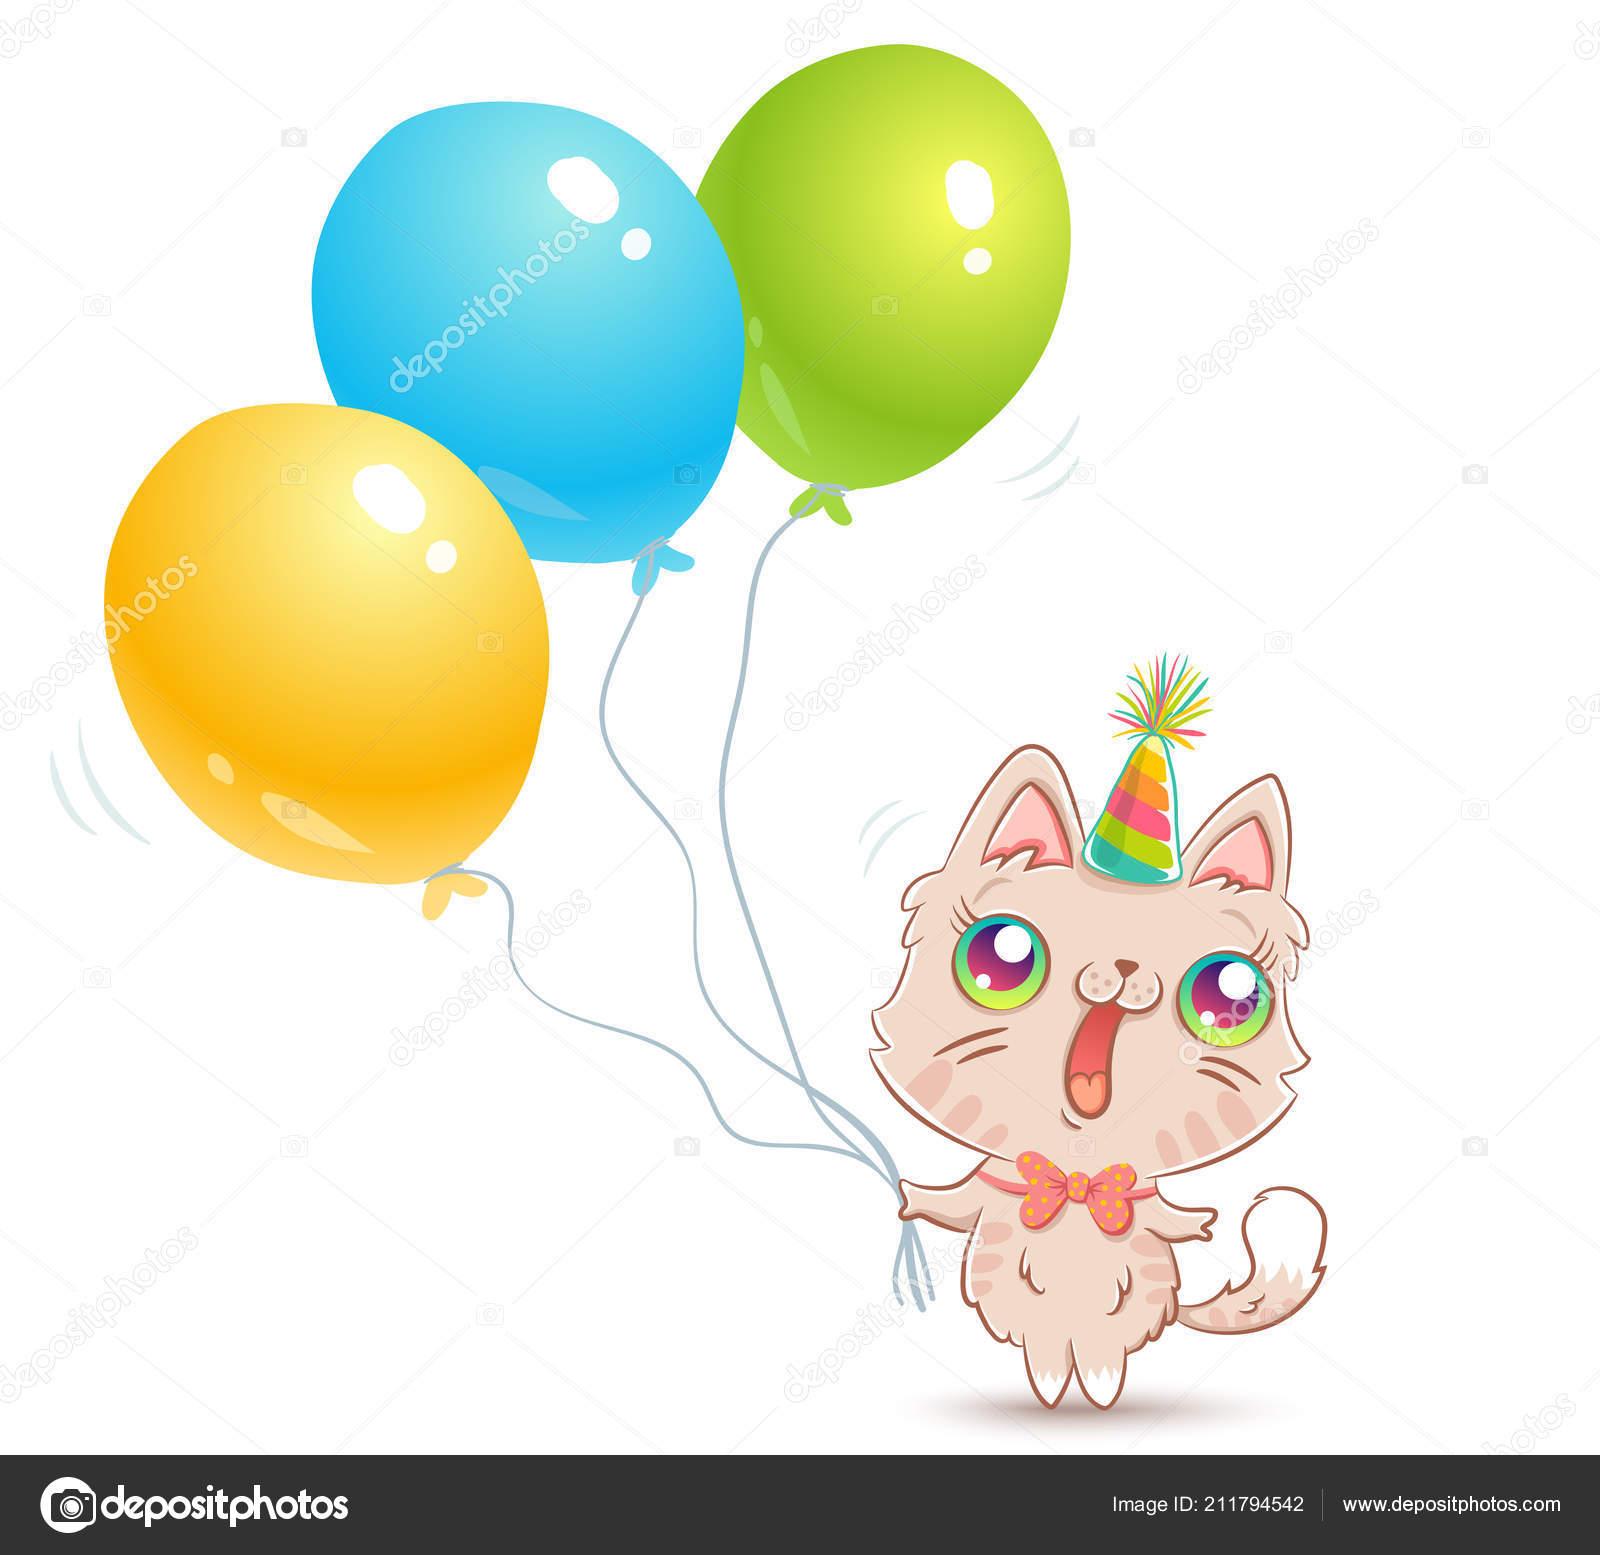 Gato Lindo Del Vector Con Globos Estilo Kawaii Feliz Cumpleaños — Archivo  Imágenes Vectoriales f1c348b9b41